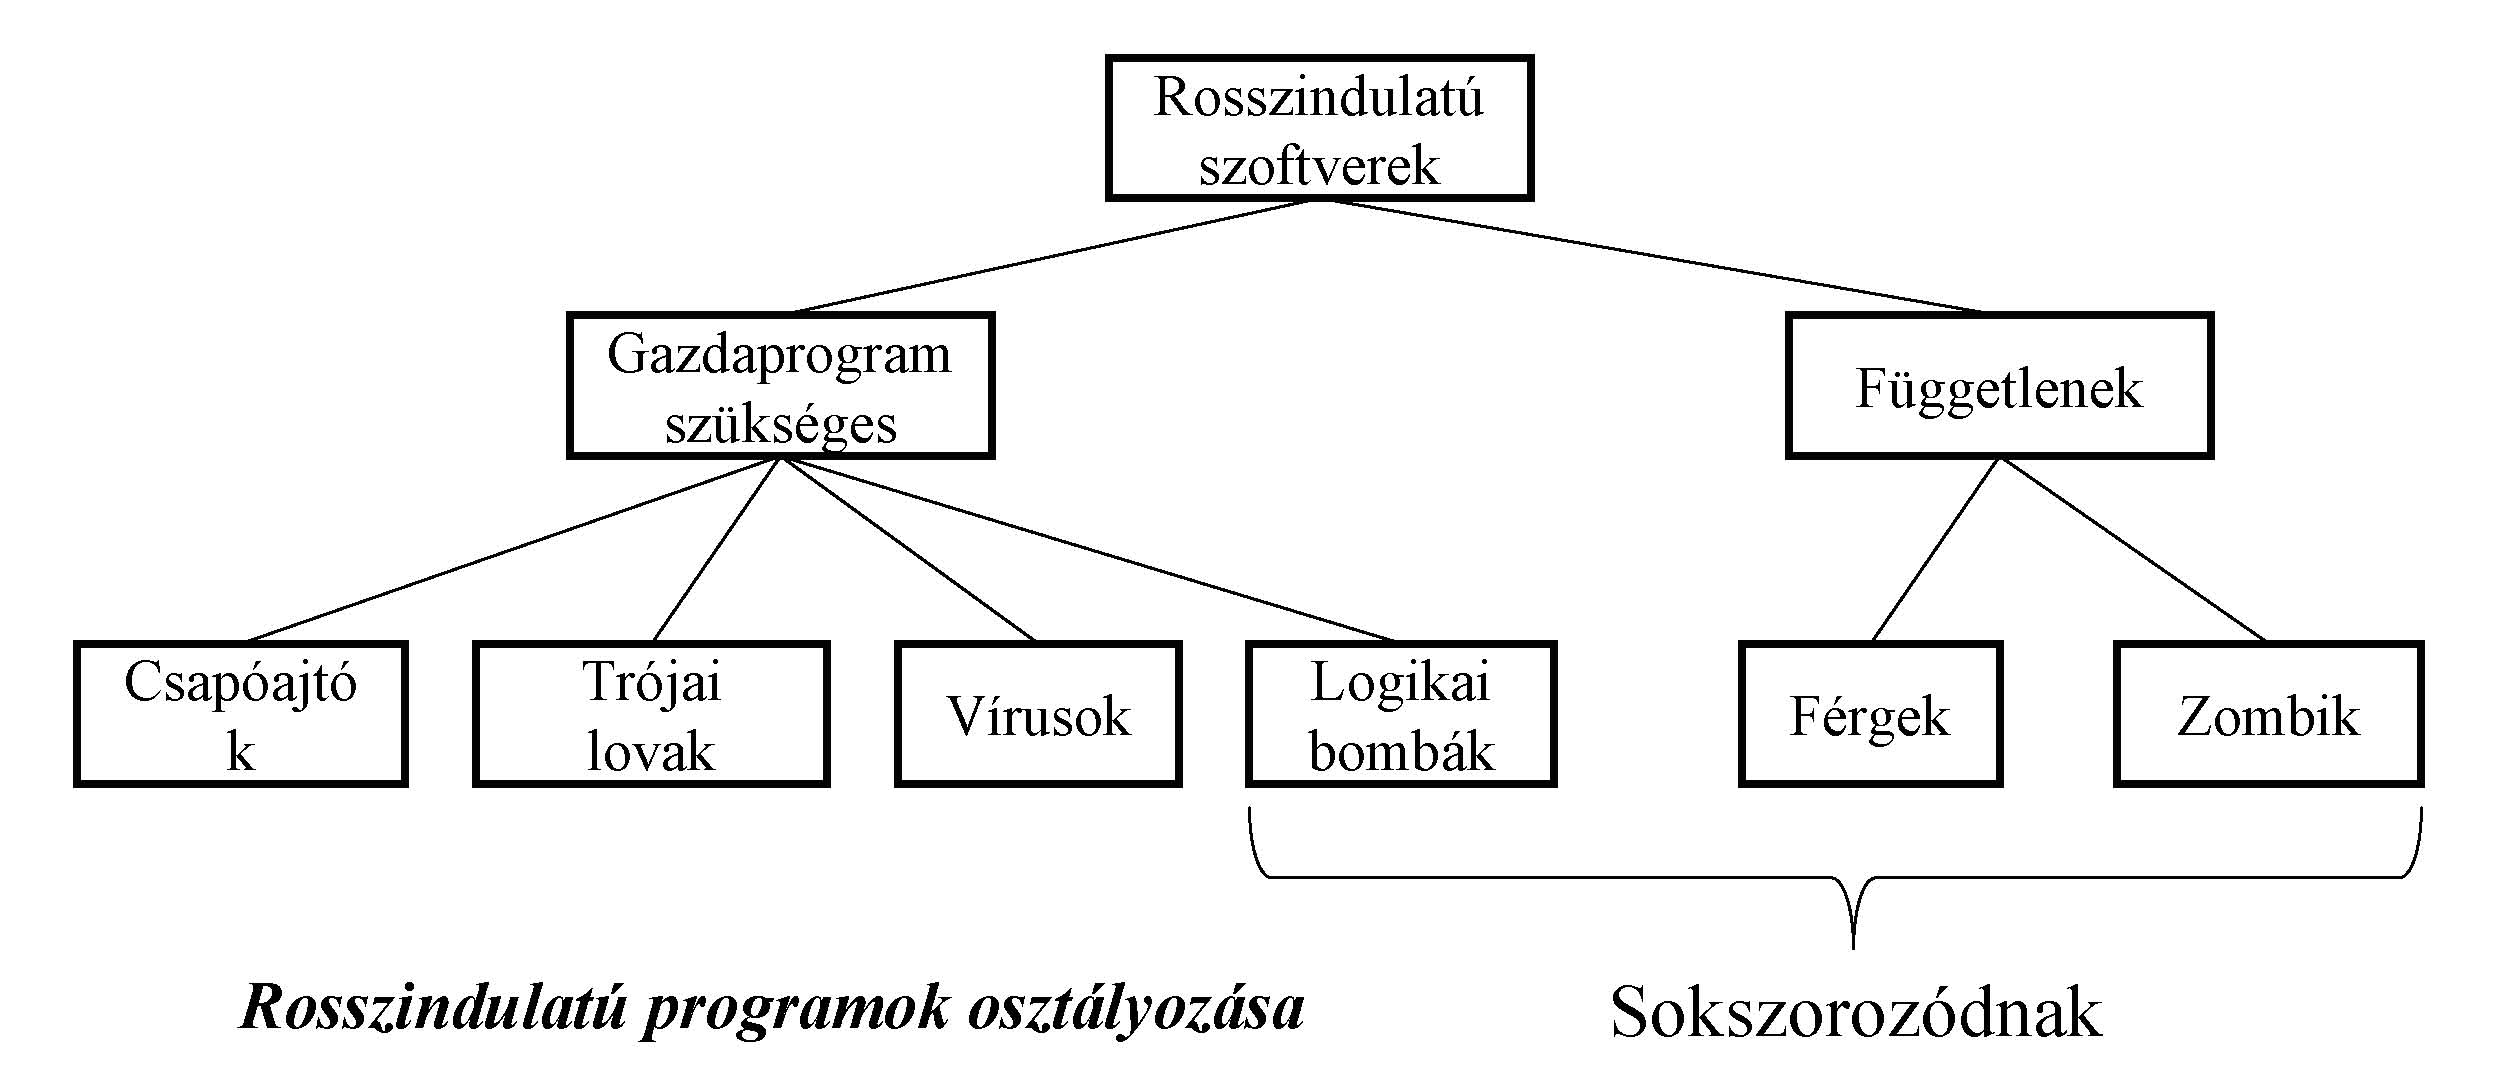 férgek programok)